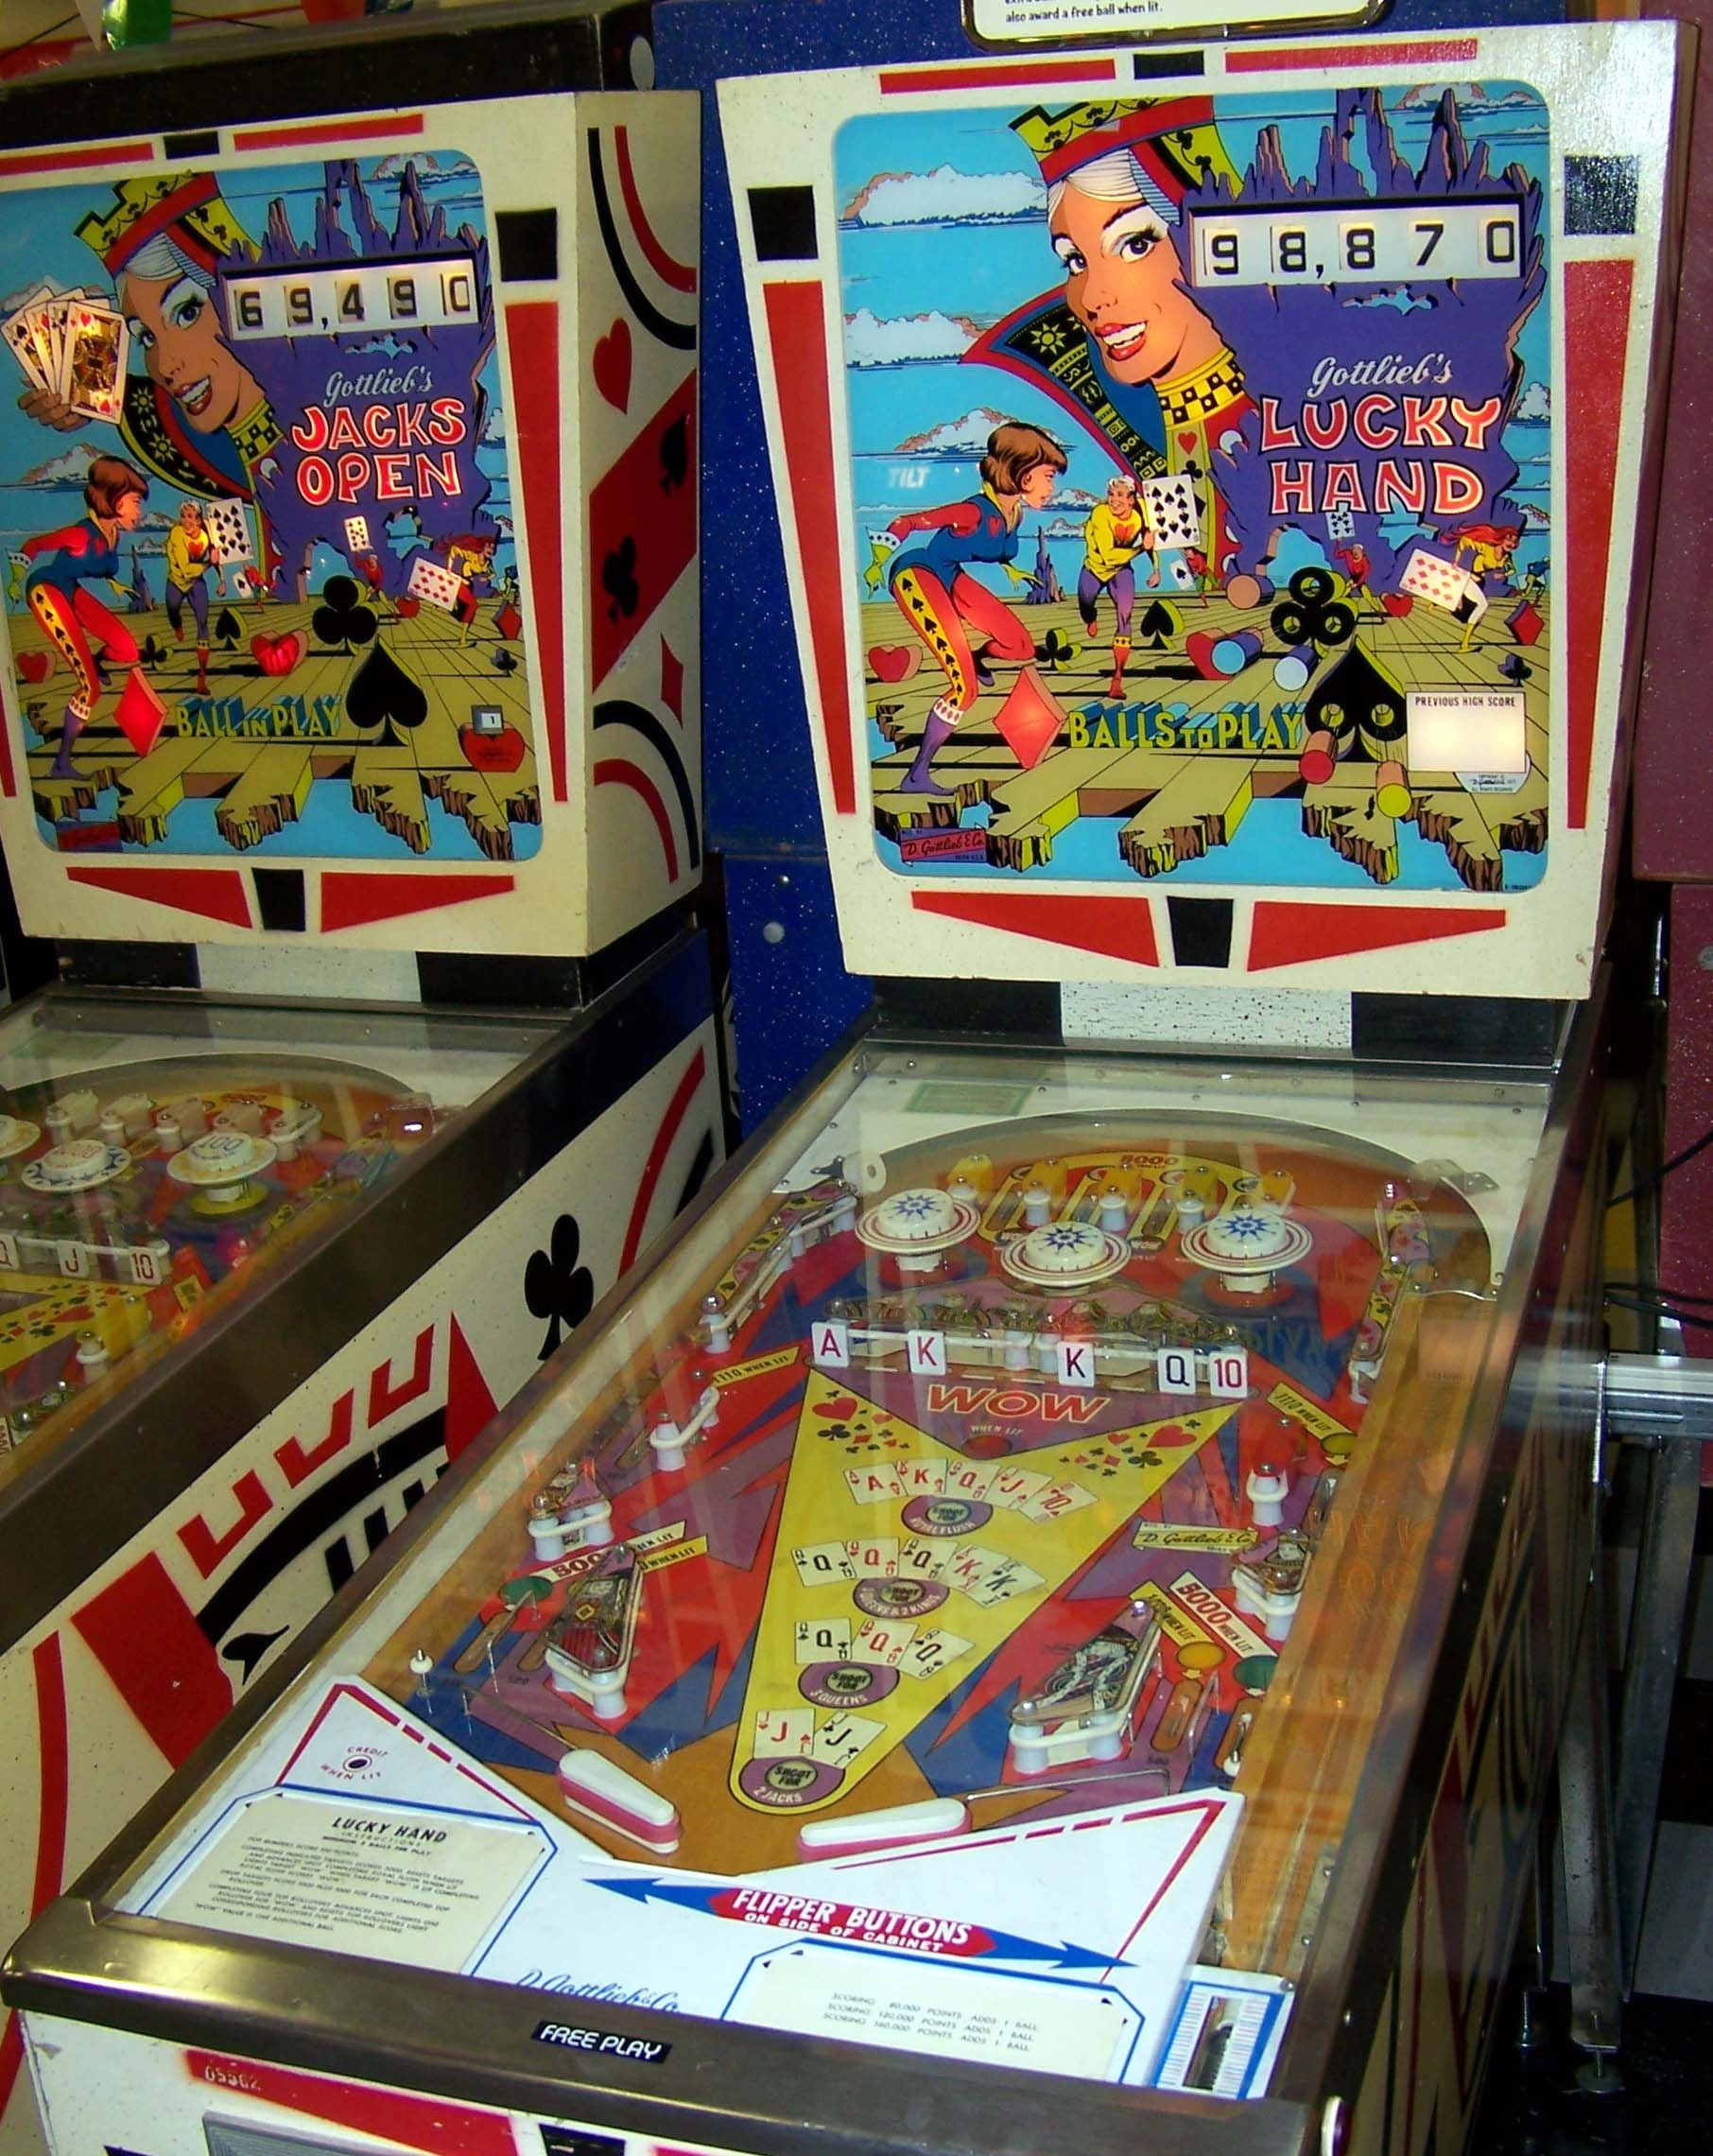 1977 lucky hand gottlieb pinball machine pinball pinball game pinball machines